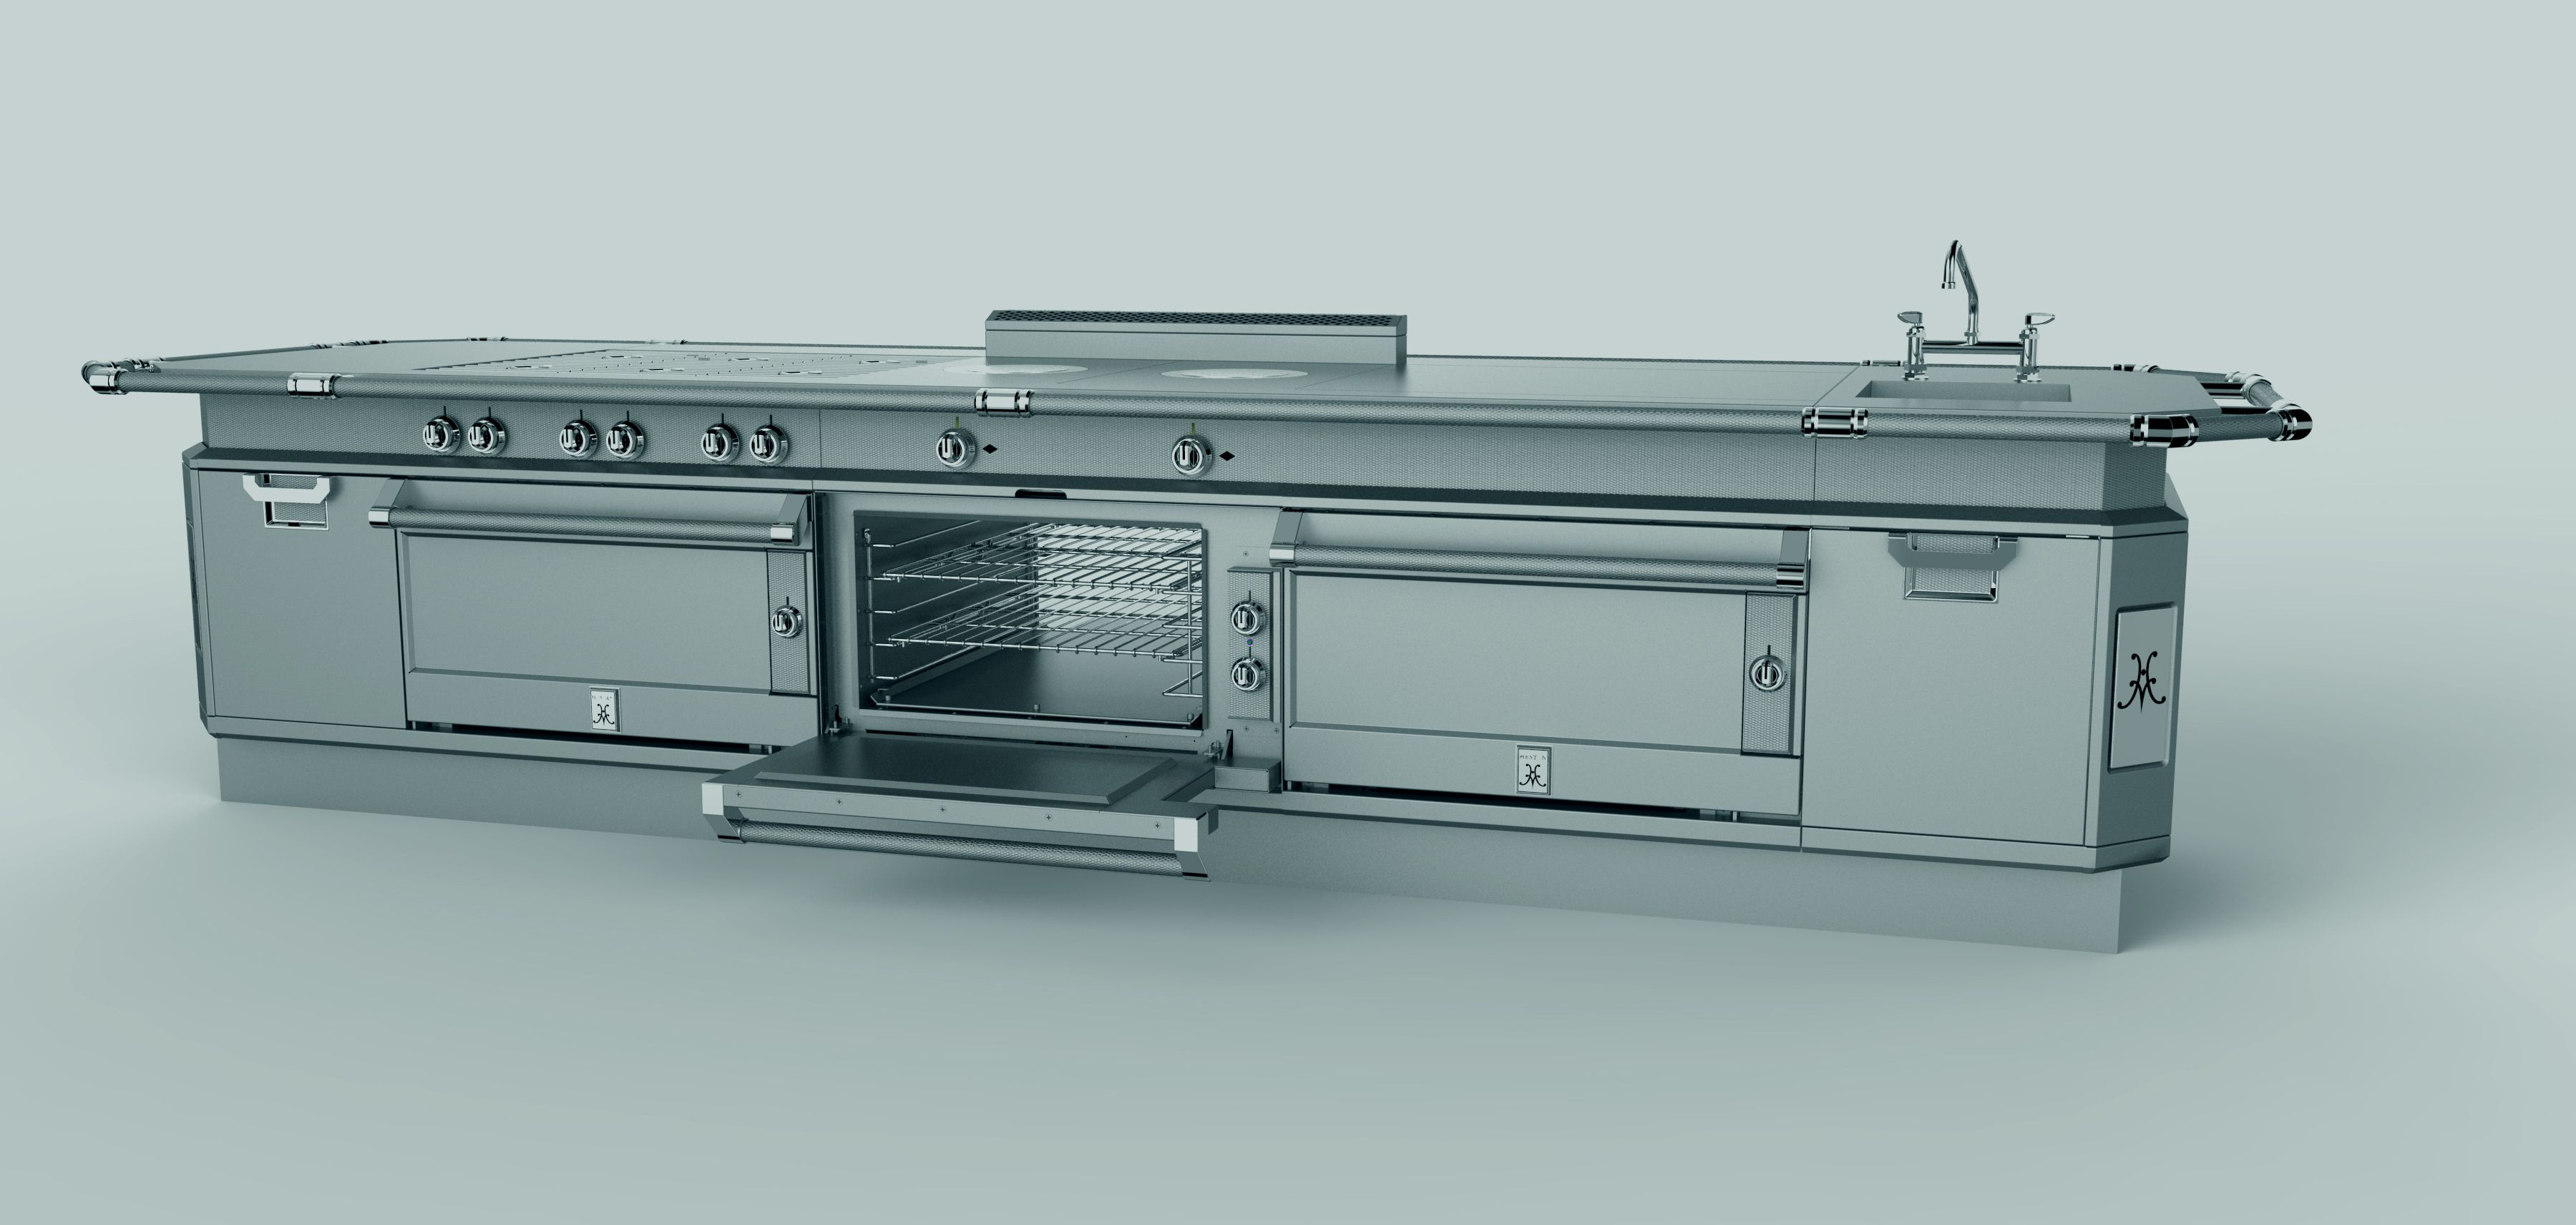 dream kitchen range Custom Lineups | Hestan Commercial | Commercial ...